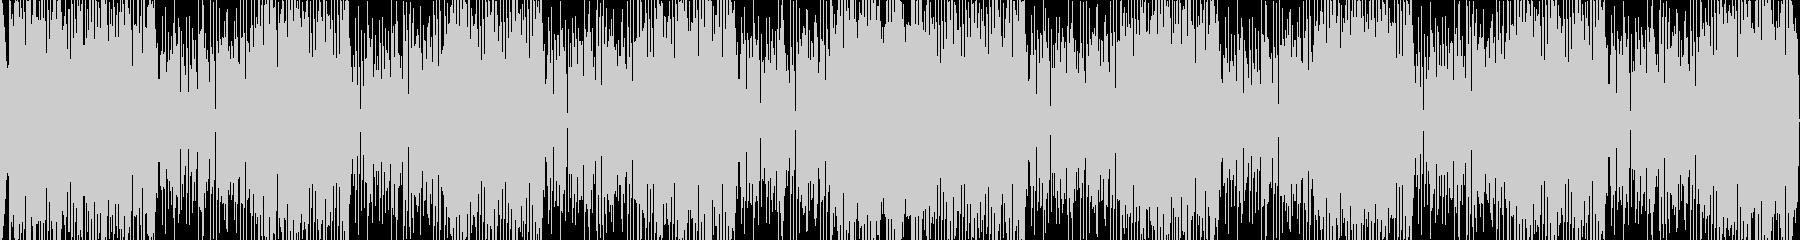 高音質ロックテイストホーンセクションの未再生の波形